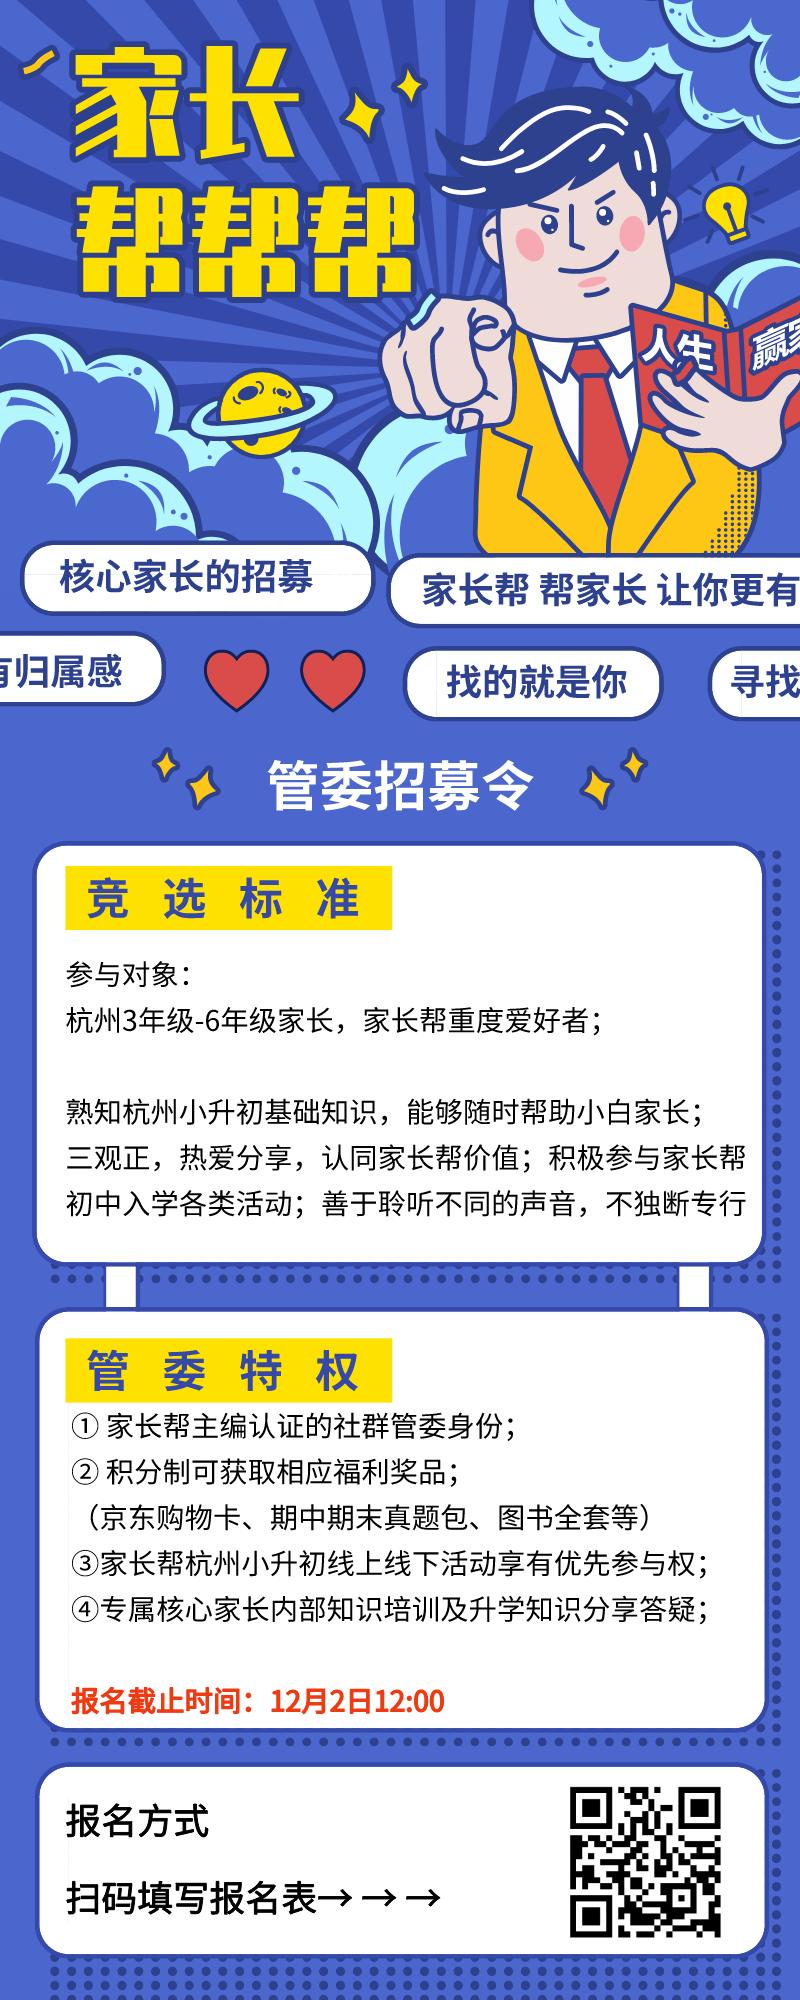 1管委招募海报.png